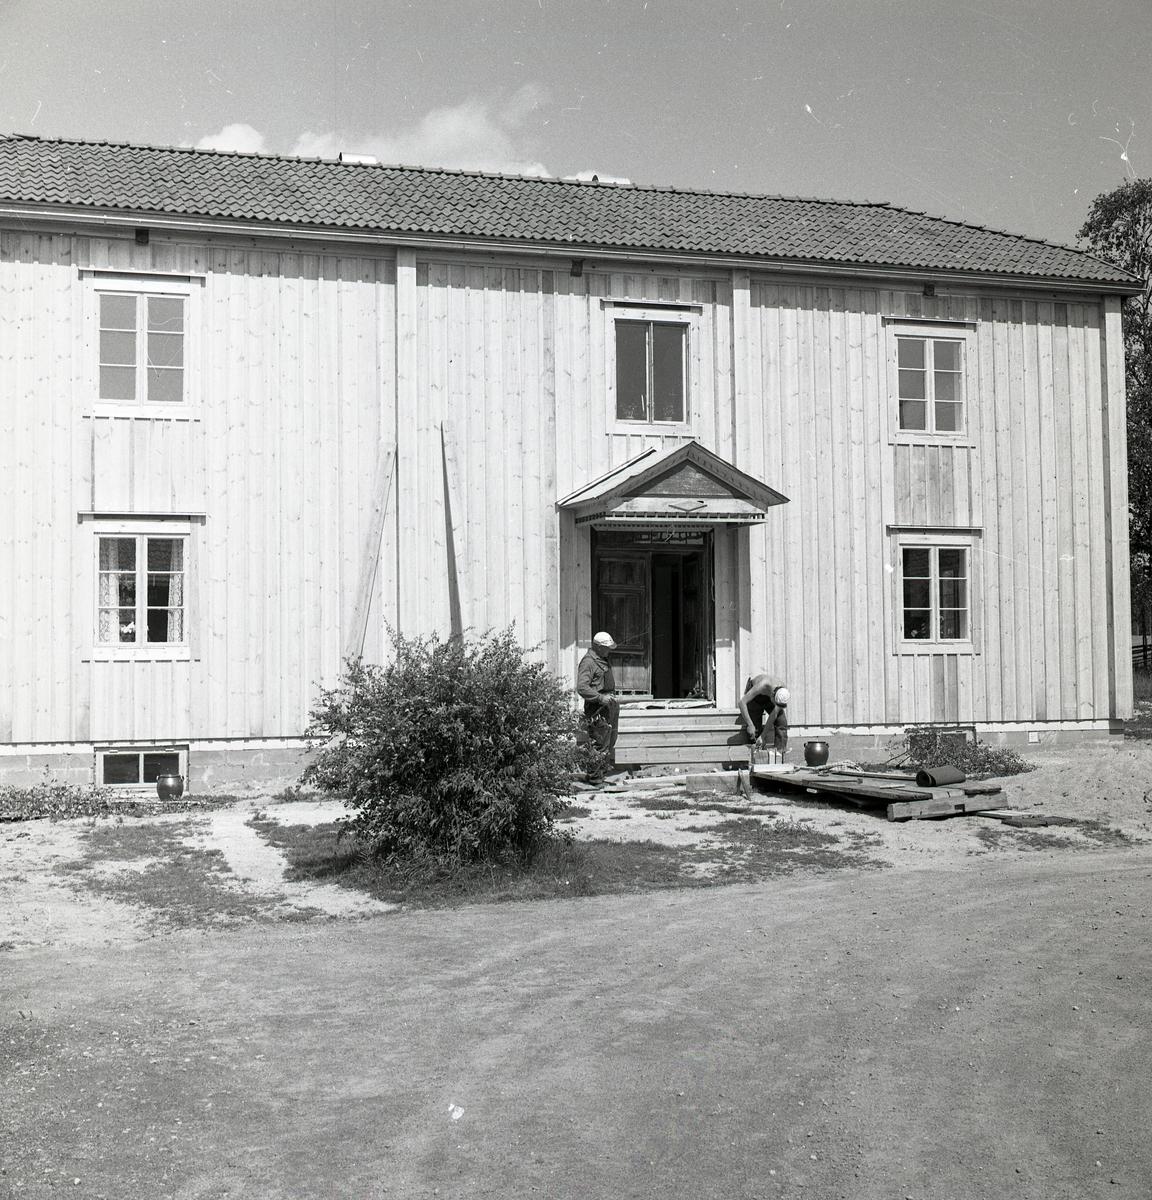 Två män bygger en trappa till ett hus, juni 1968.